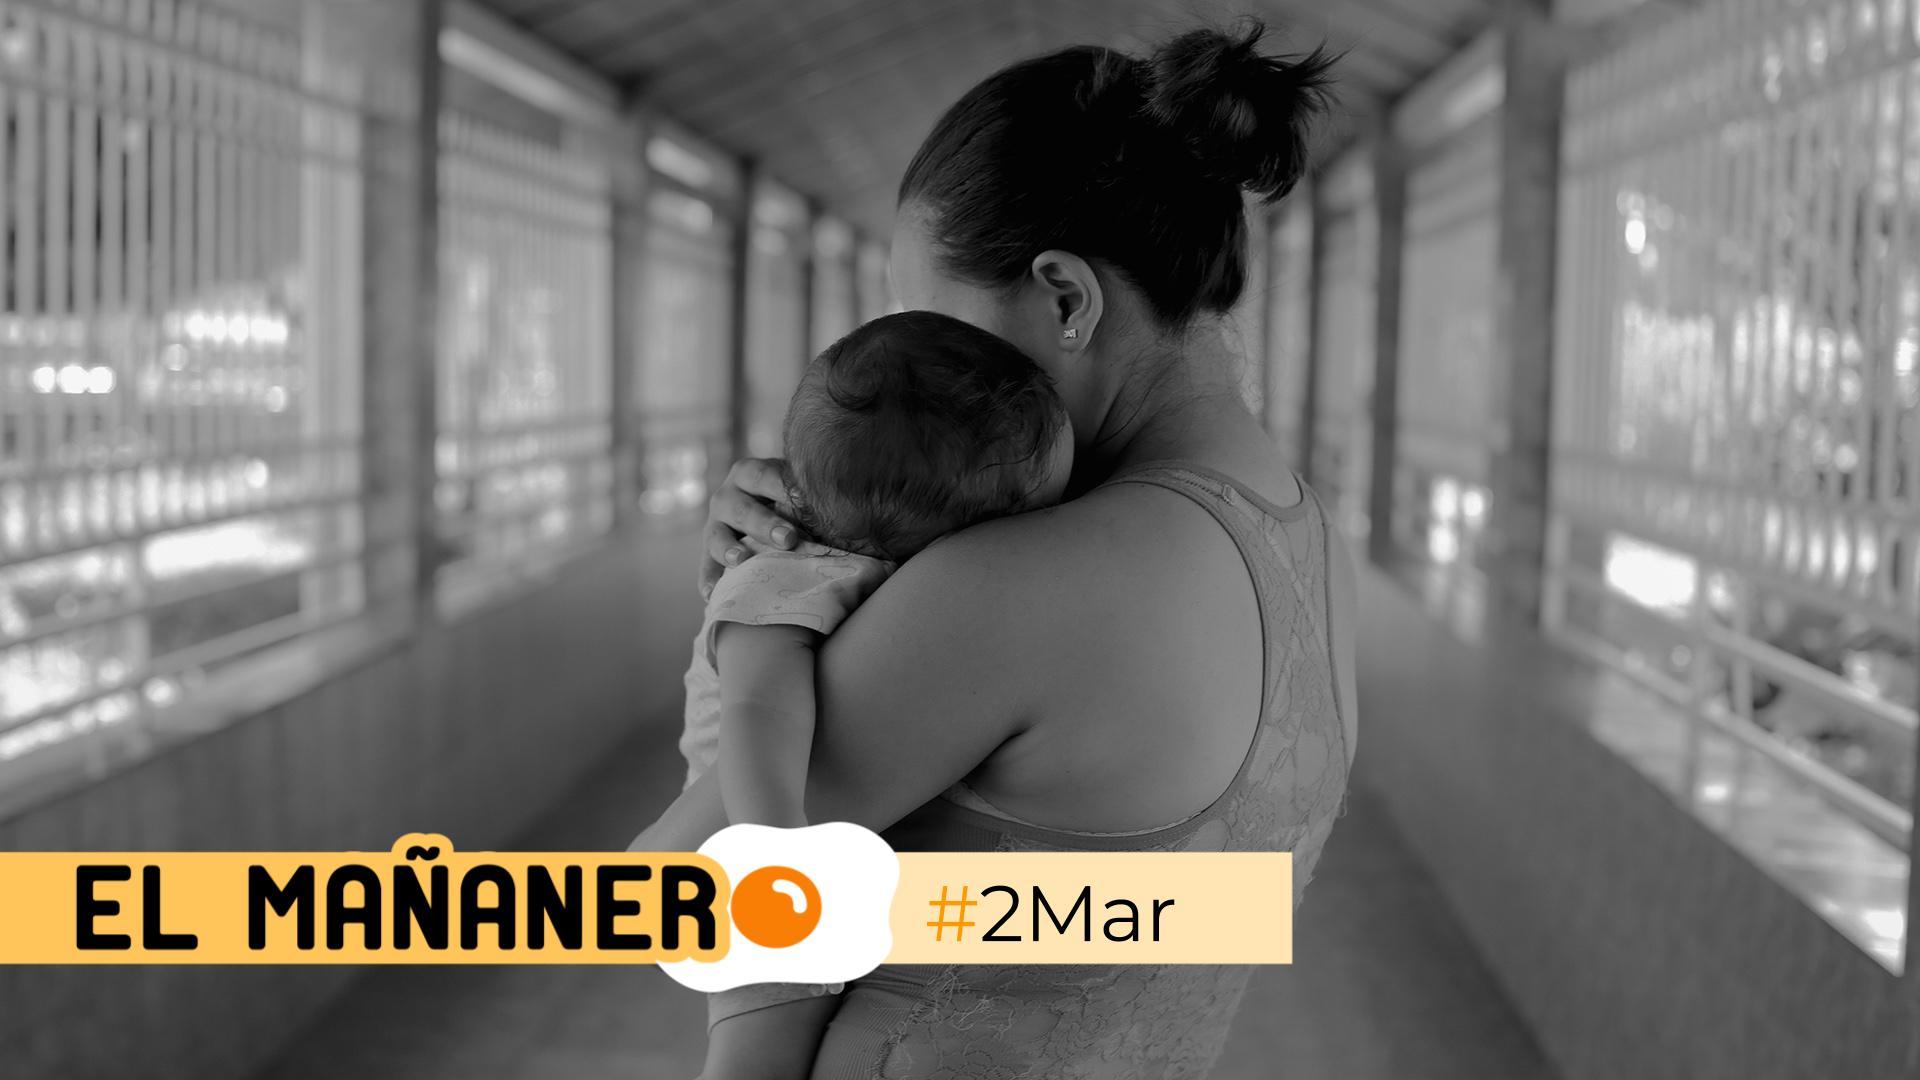 El Mañanero de hoy #2Mar: Las 8 noticias que debes saber